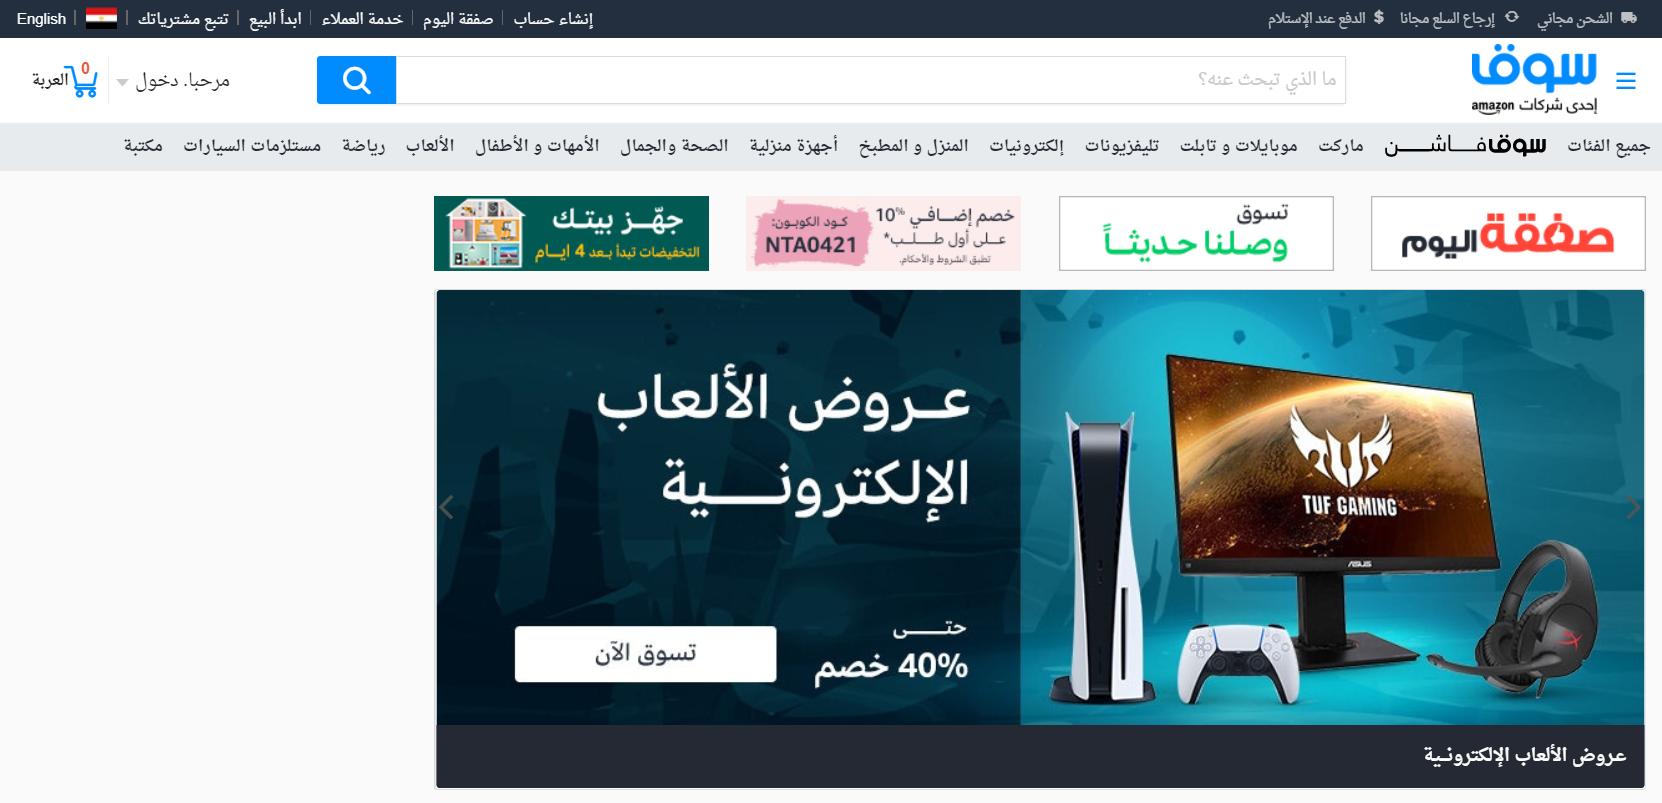 مواقع الدفع عند الاستلام العربية